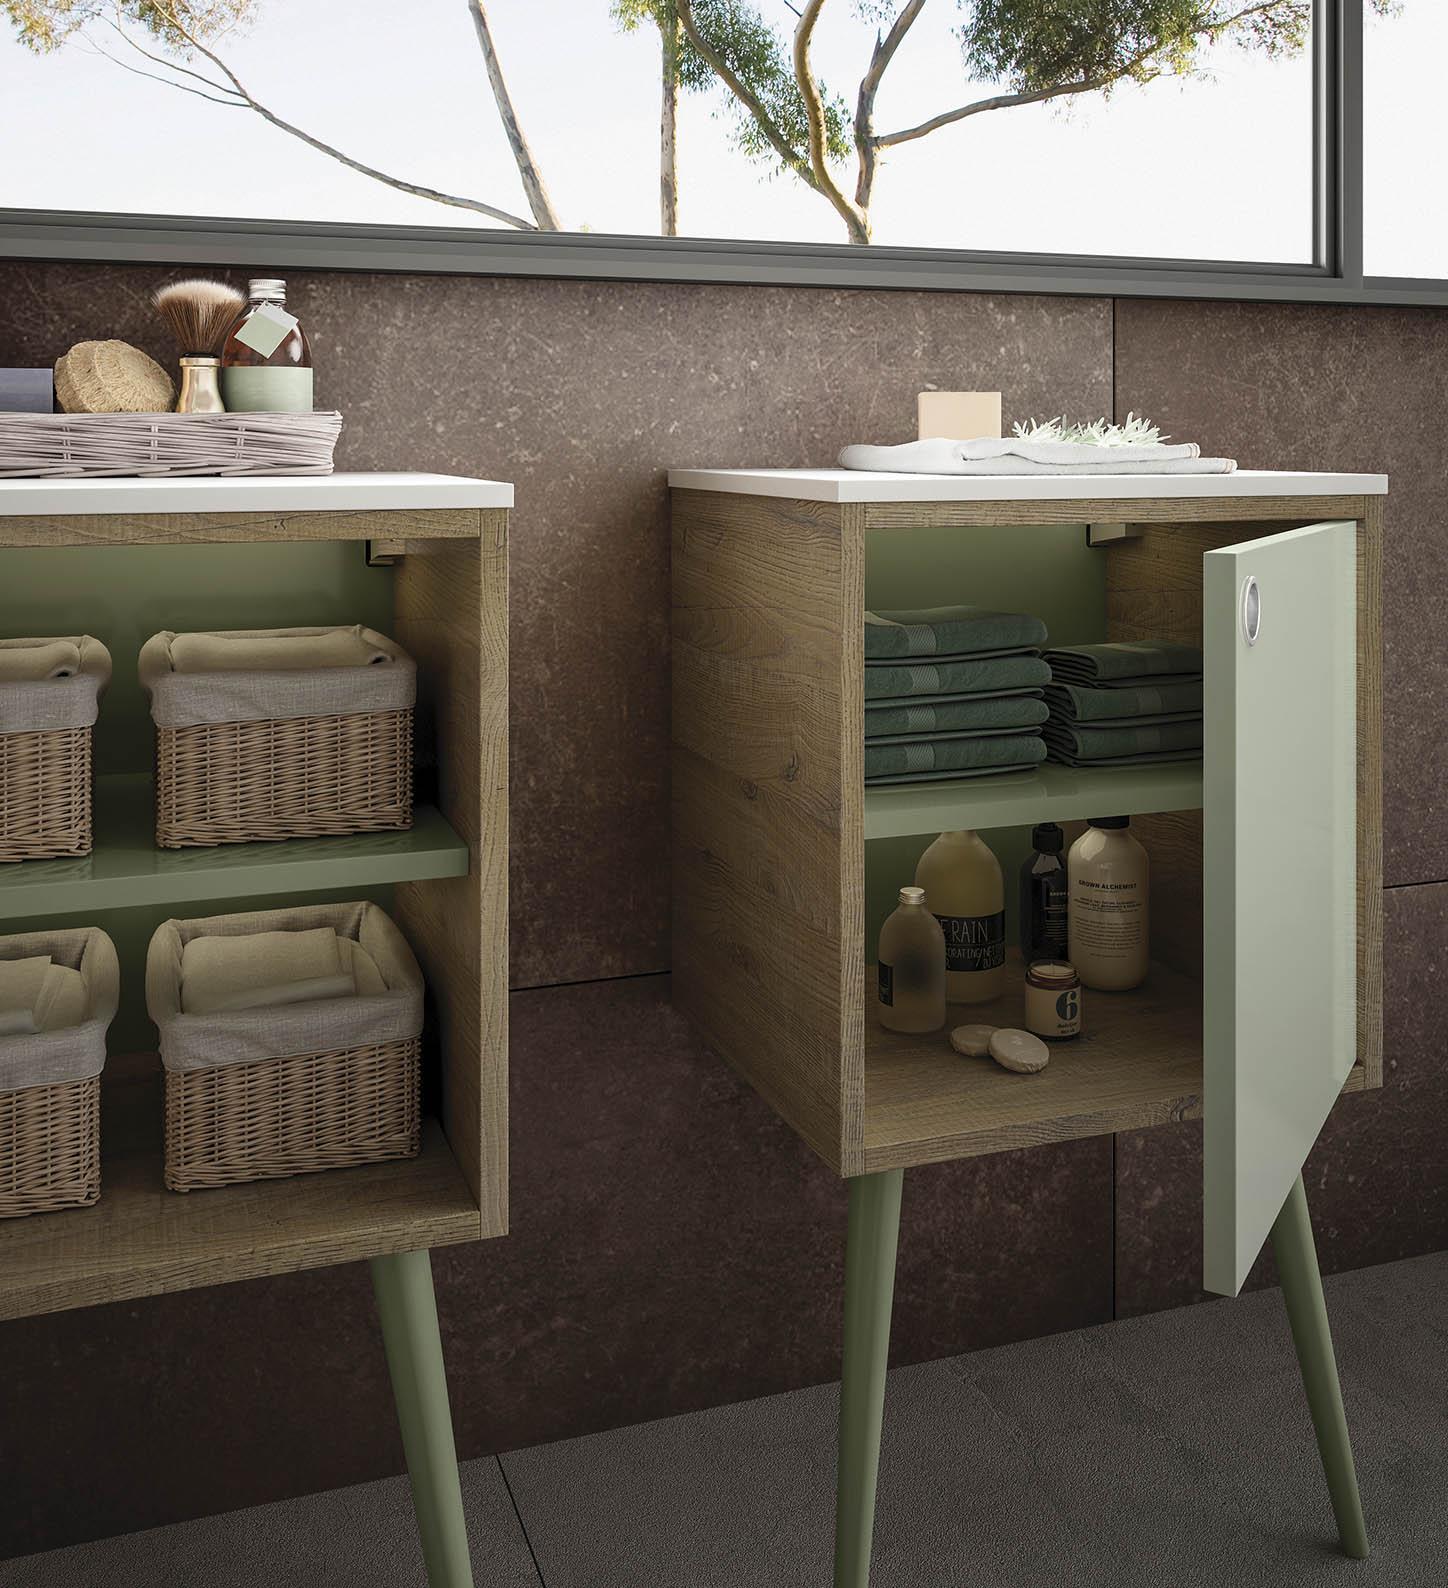 Gran tour mobili bagno il elegante gran tour bagno per residenza with gran tour mobili bagno - Mobili laccati lucidi ...